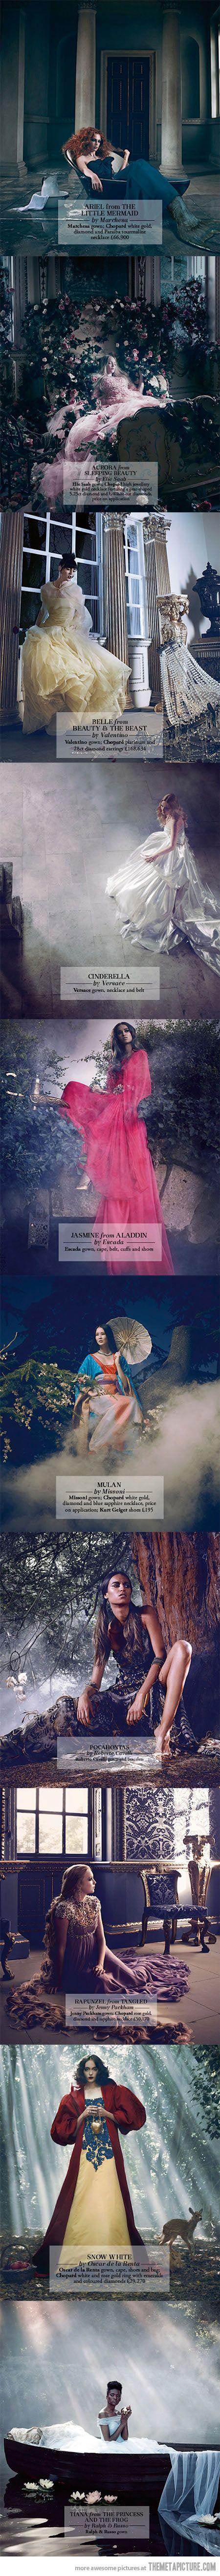 Disney Princesses in real life…  Hands down, Snow White by Oscar de la Renta!